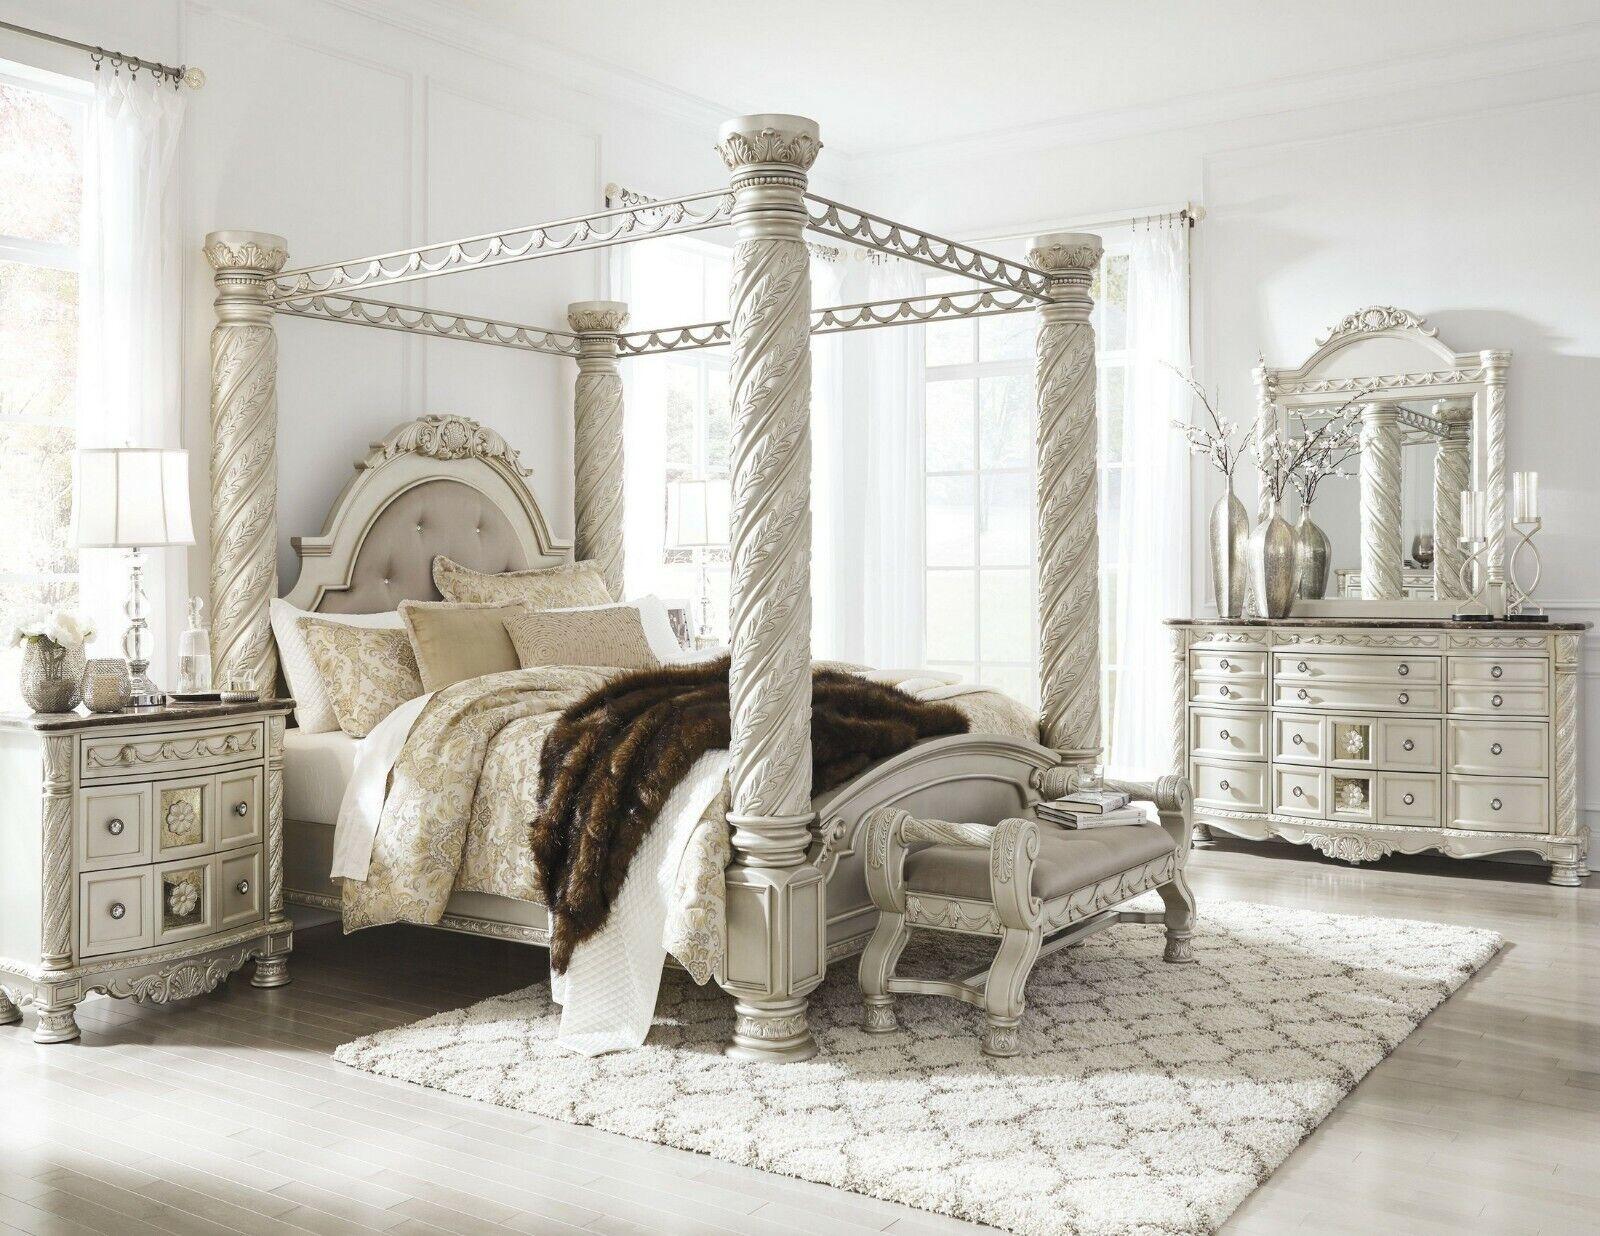 - Coaster Ilana 5 Piece California King Mirrored Canopy Bedroom Set